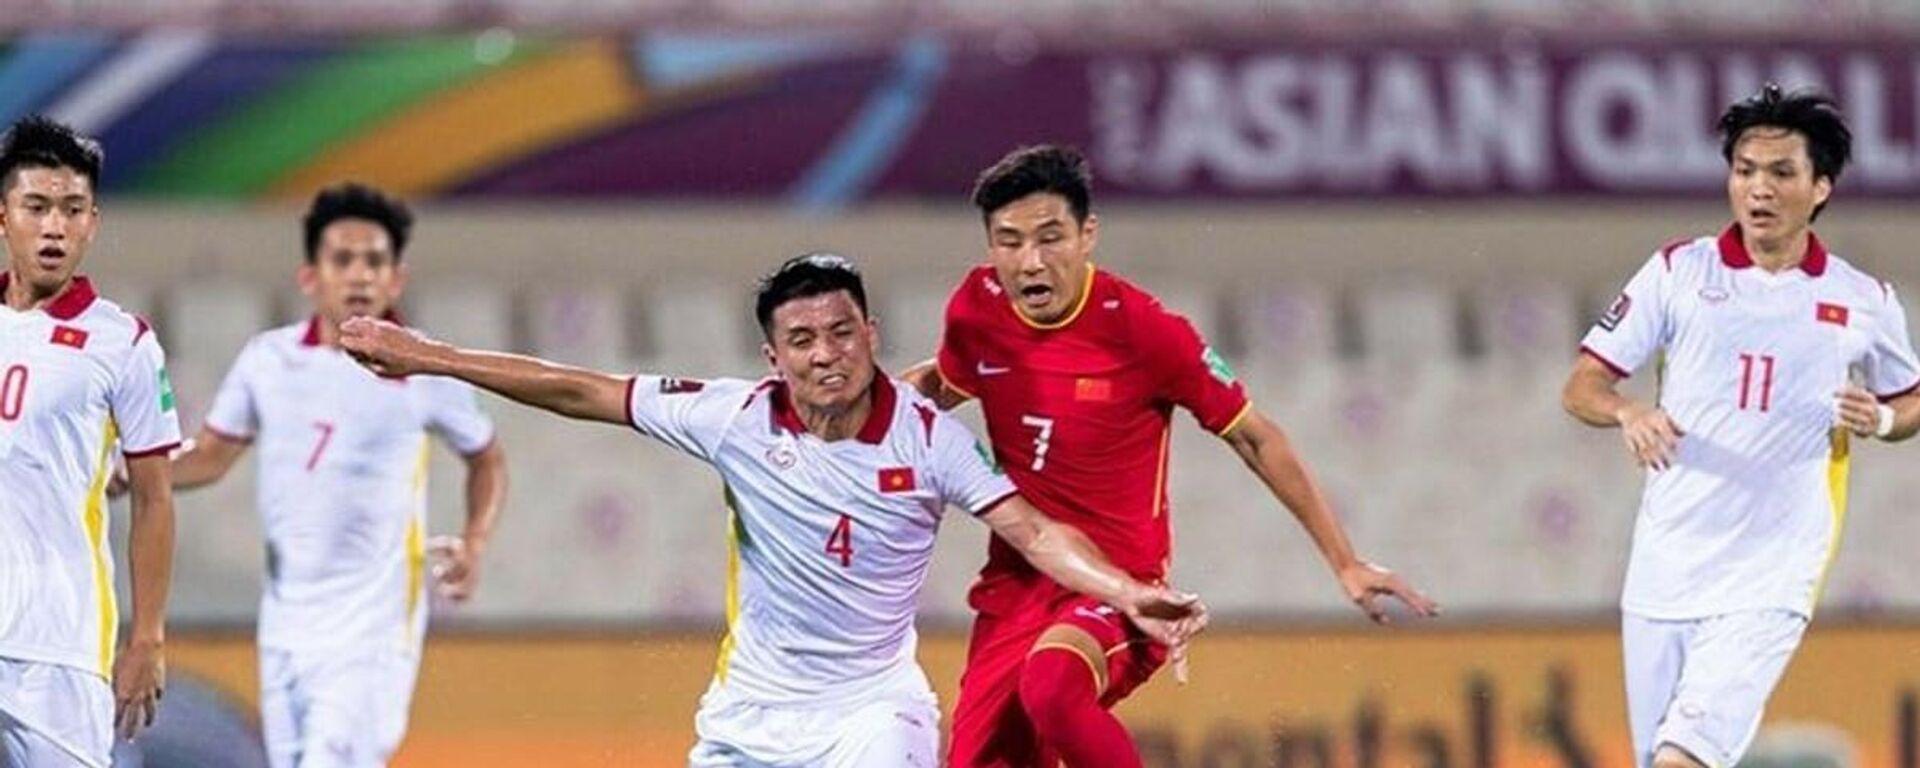 Tuyển Việt Nam đánh rơi điểm số ở những giây cuối cùng của trận đấu.  - Sputnik Việt Nam, 1920, 08.10.2021